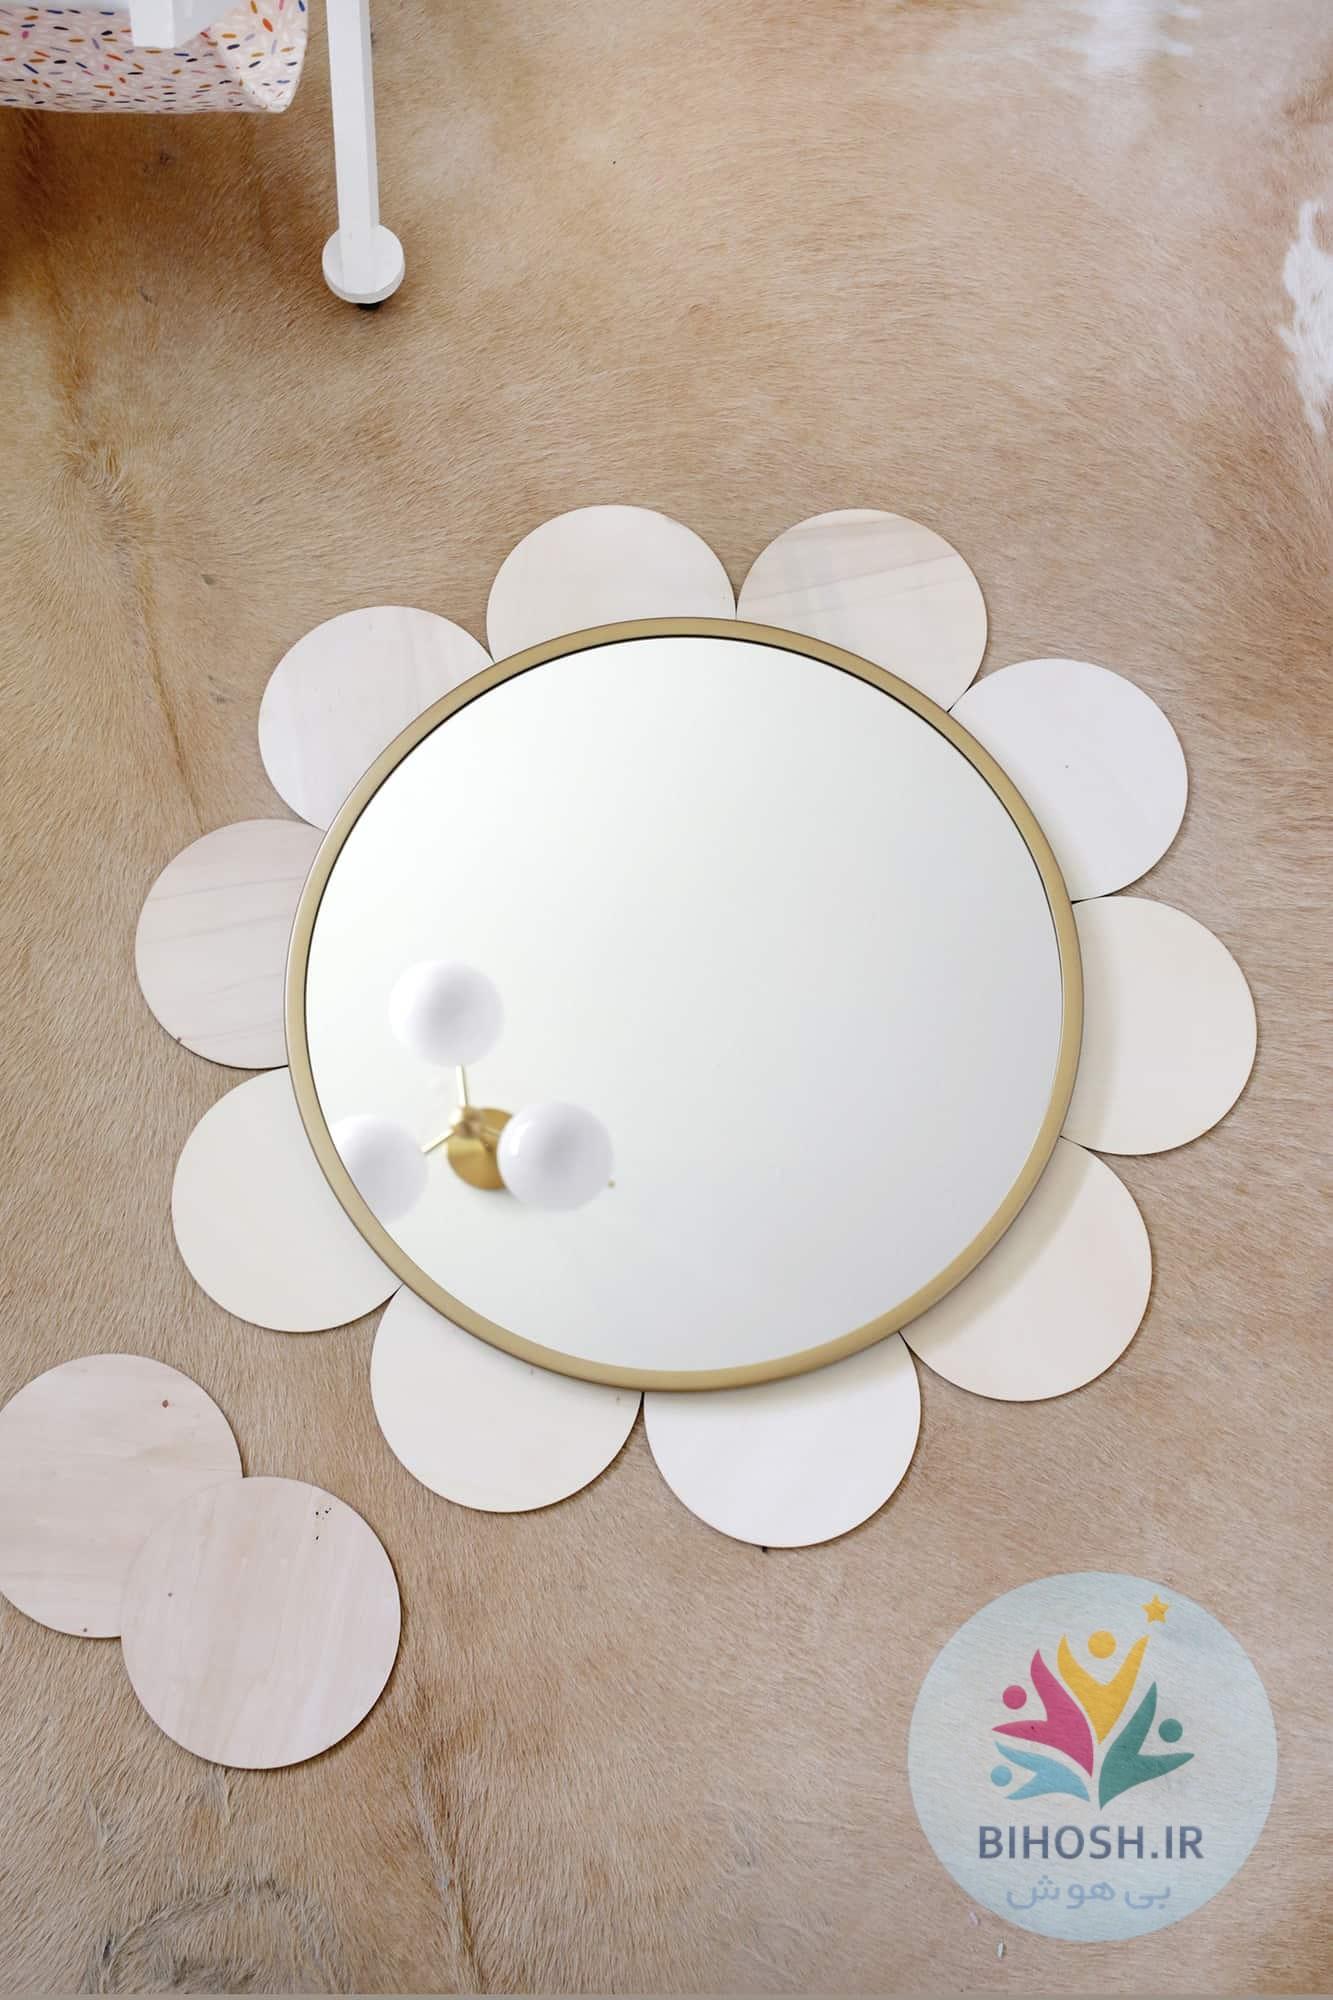 آموزش ساخت آینه دکوراتیو گل